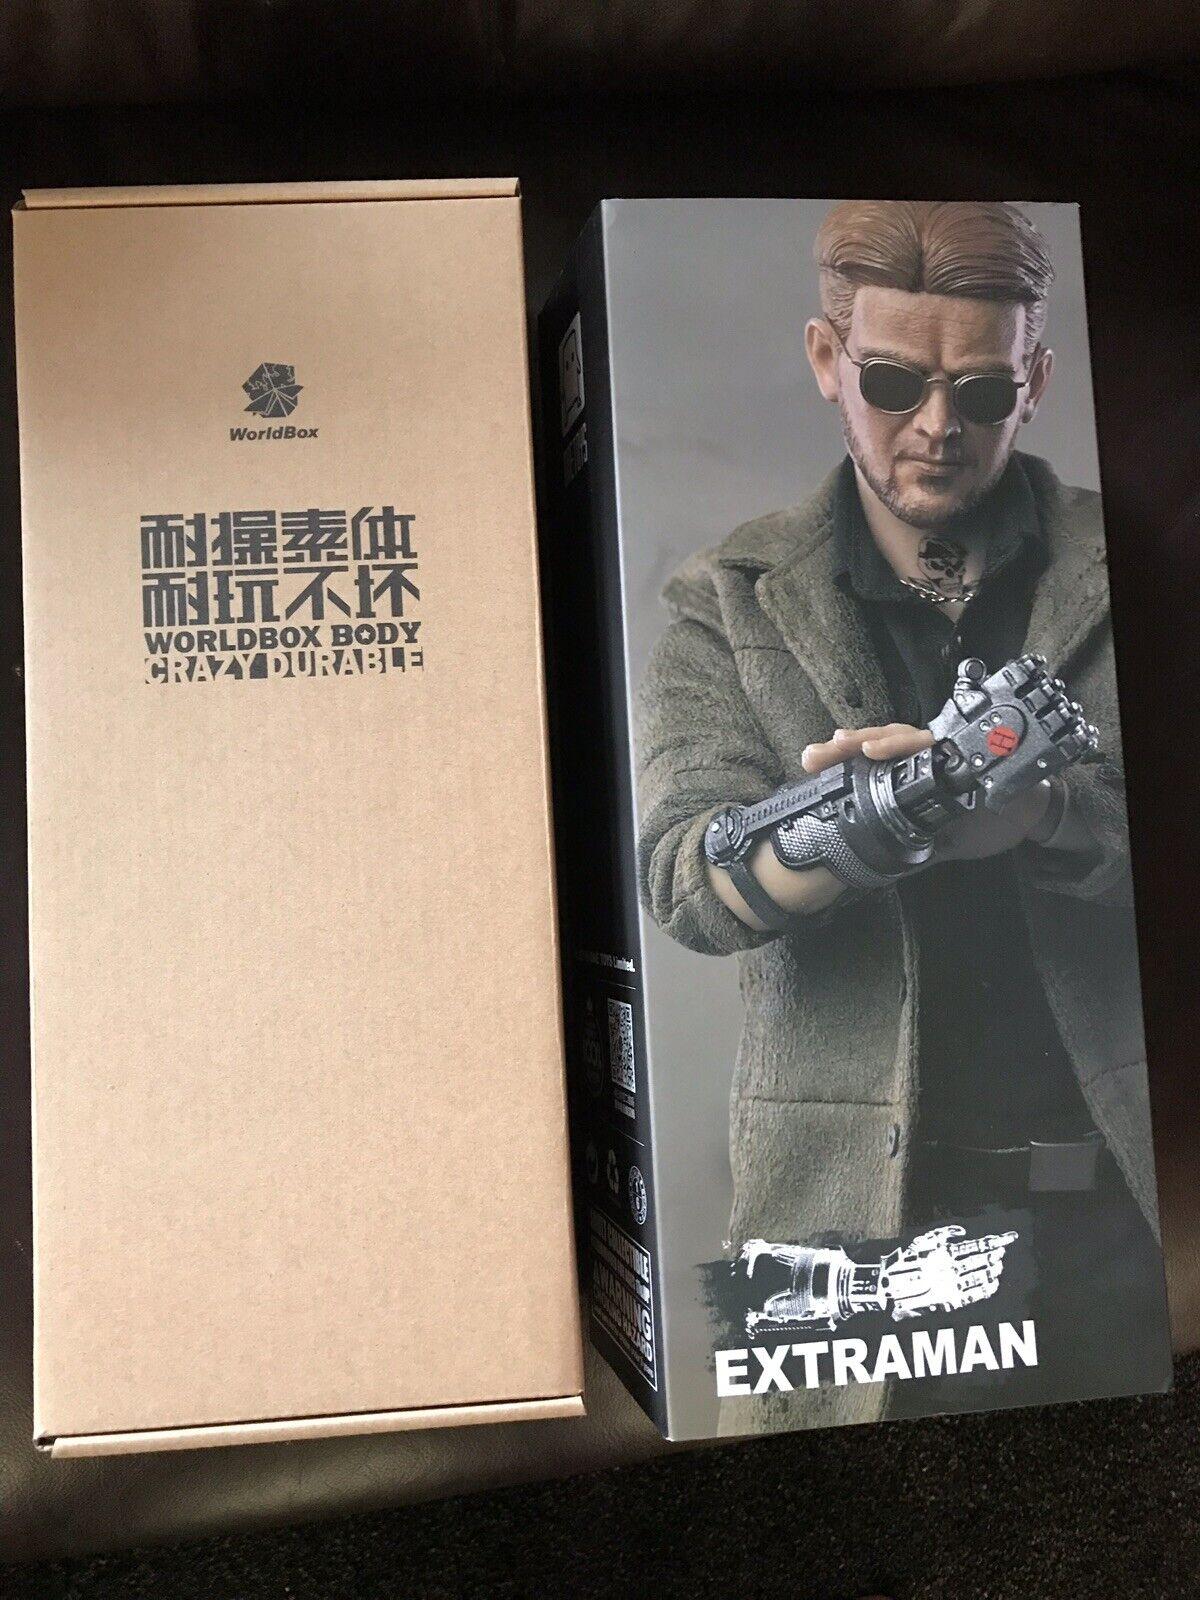 1 6 6 6 Onetoys x World Box OT-003 Extraman Logan Donald Pierce Not Hot Toys Figure 330309